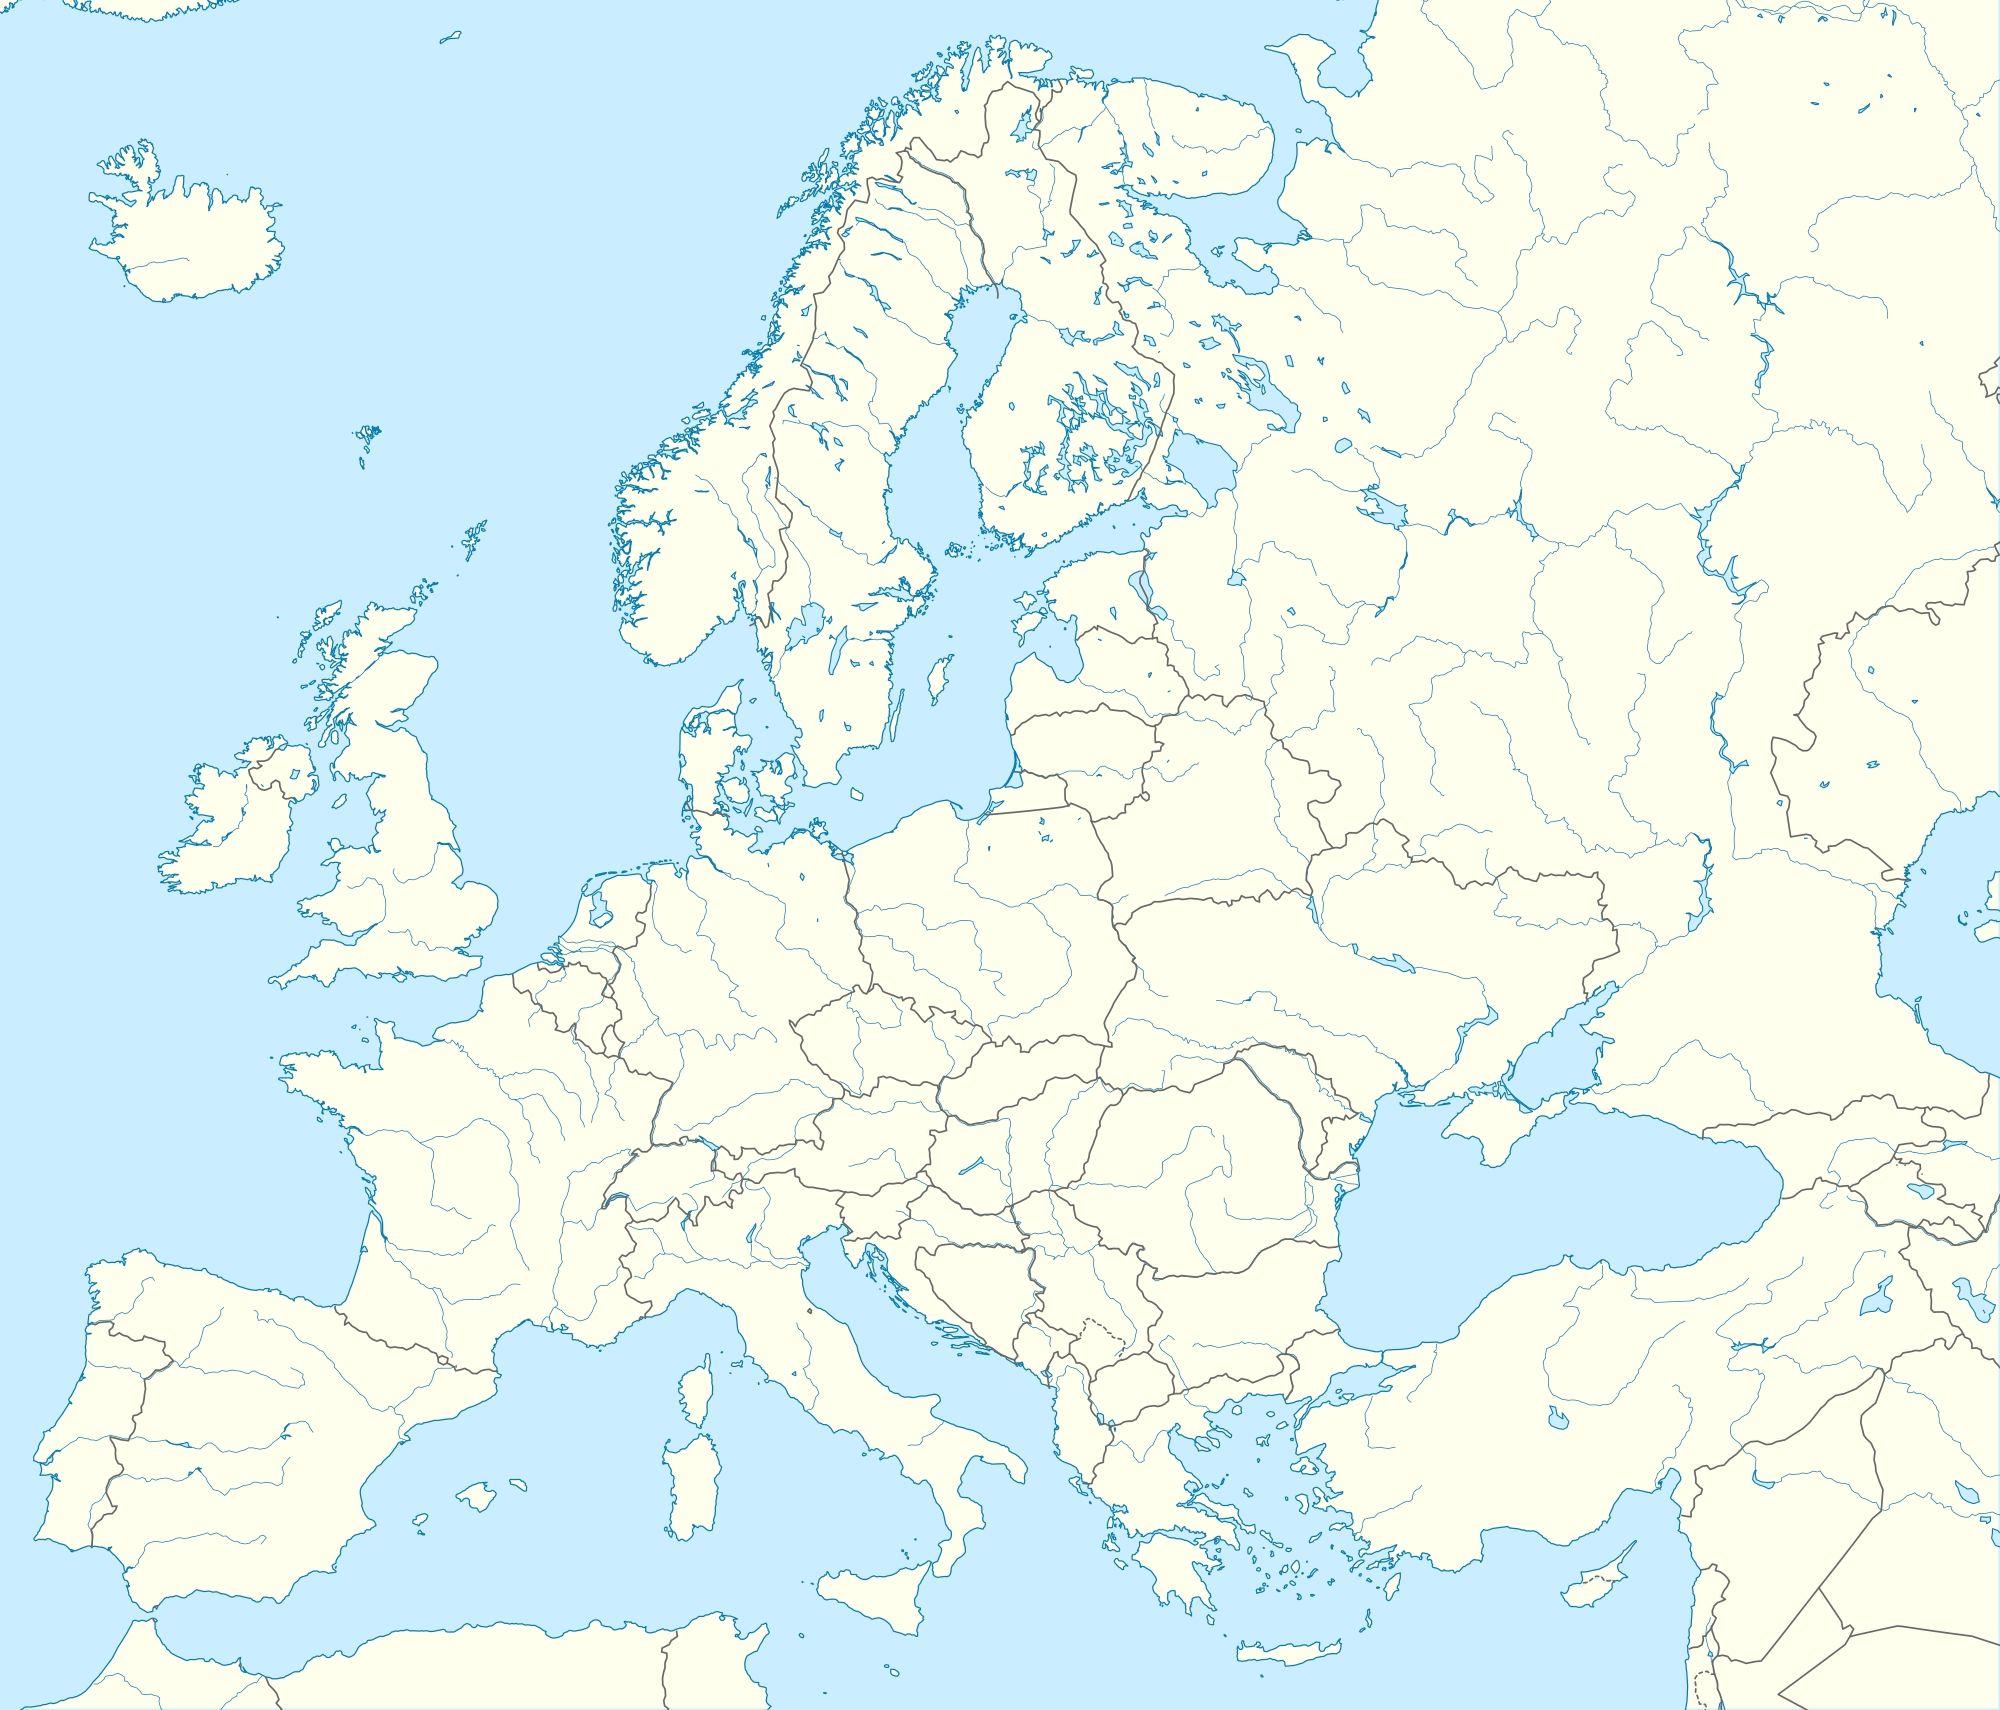 Osterreich Bevolkerung 7209 Austria Osterreich Ostrig Austria हम र स इट पर अध क ज नक र प र प त कर ಆಸ ಟ Belgien Mecklenburg Vorpommern Bundesland